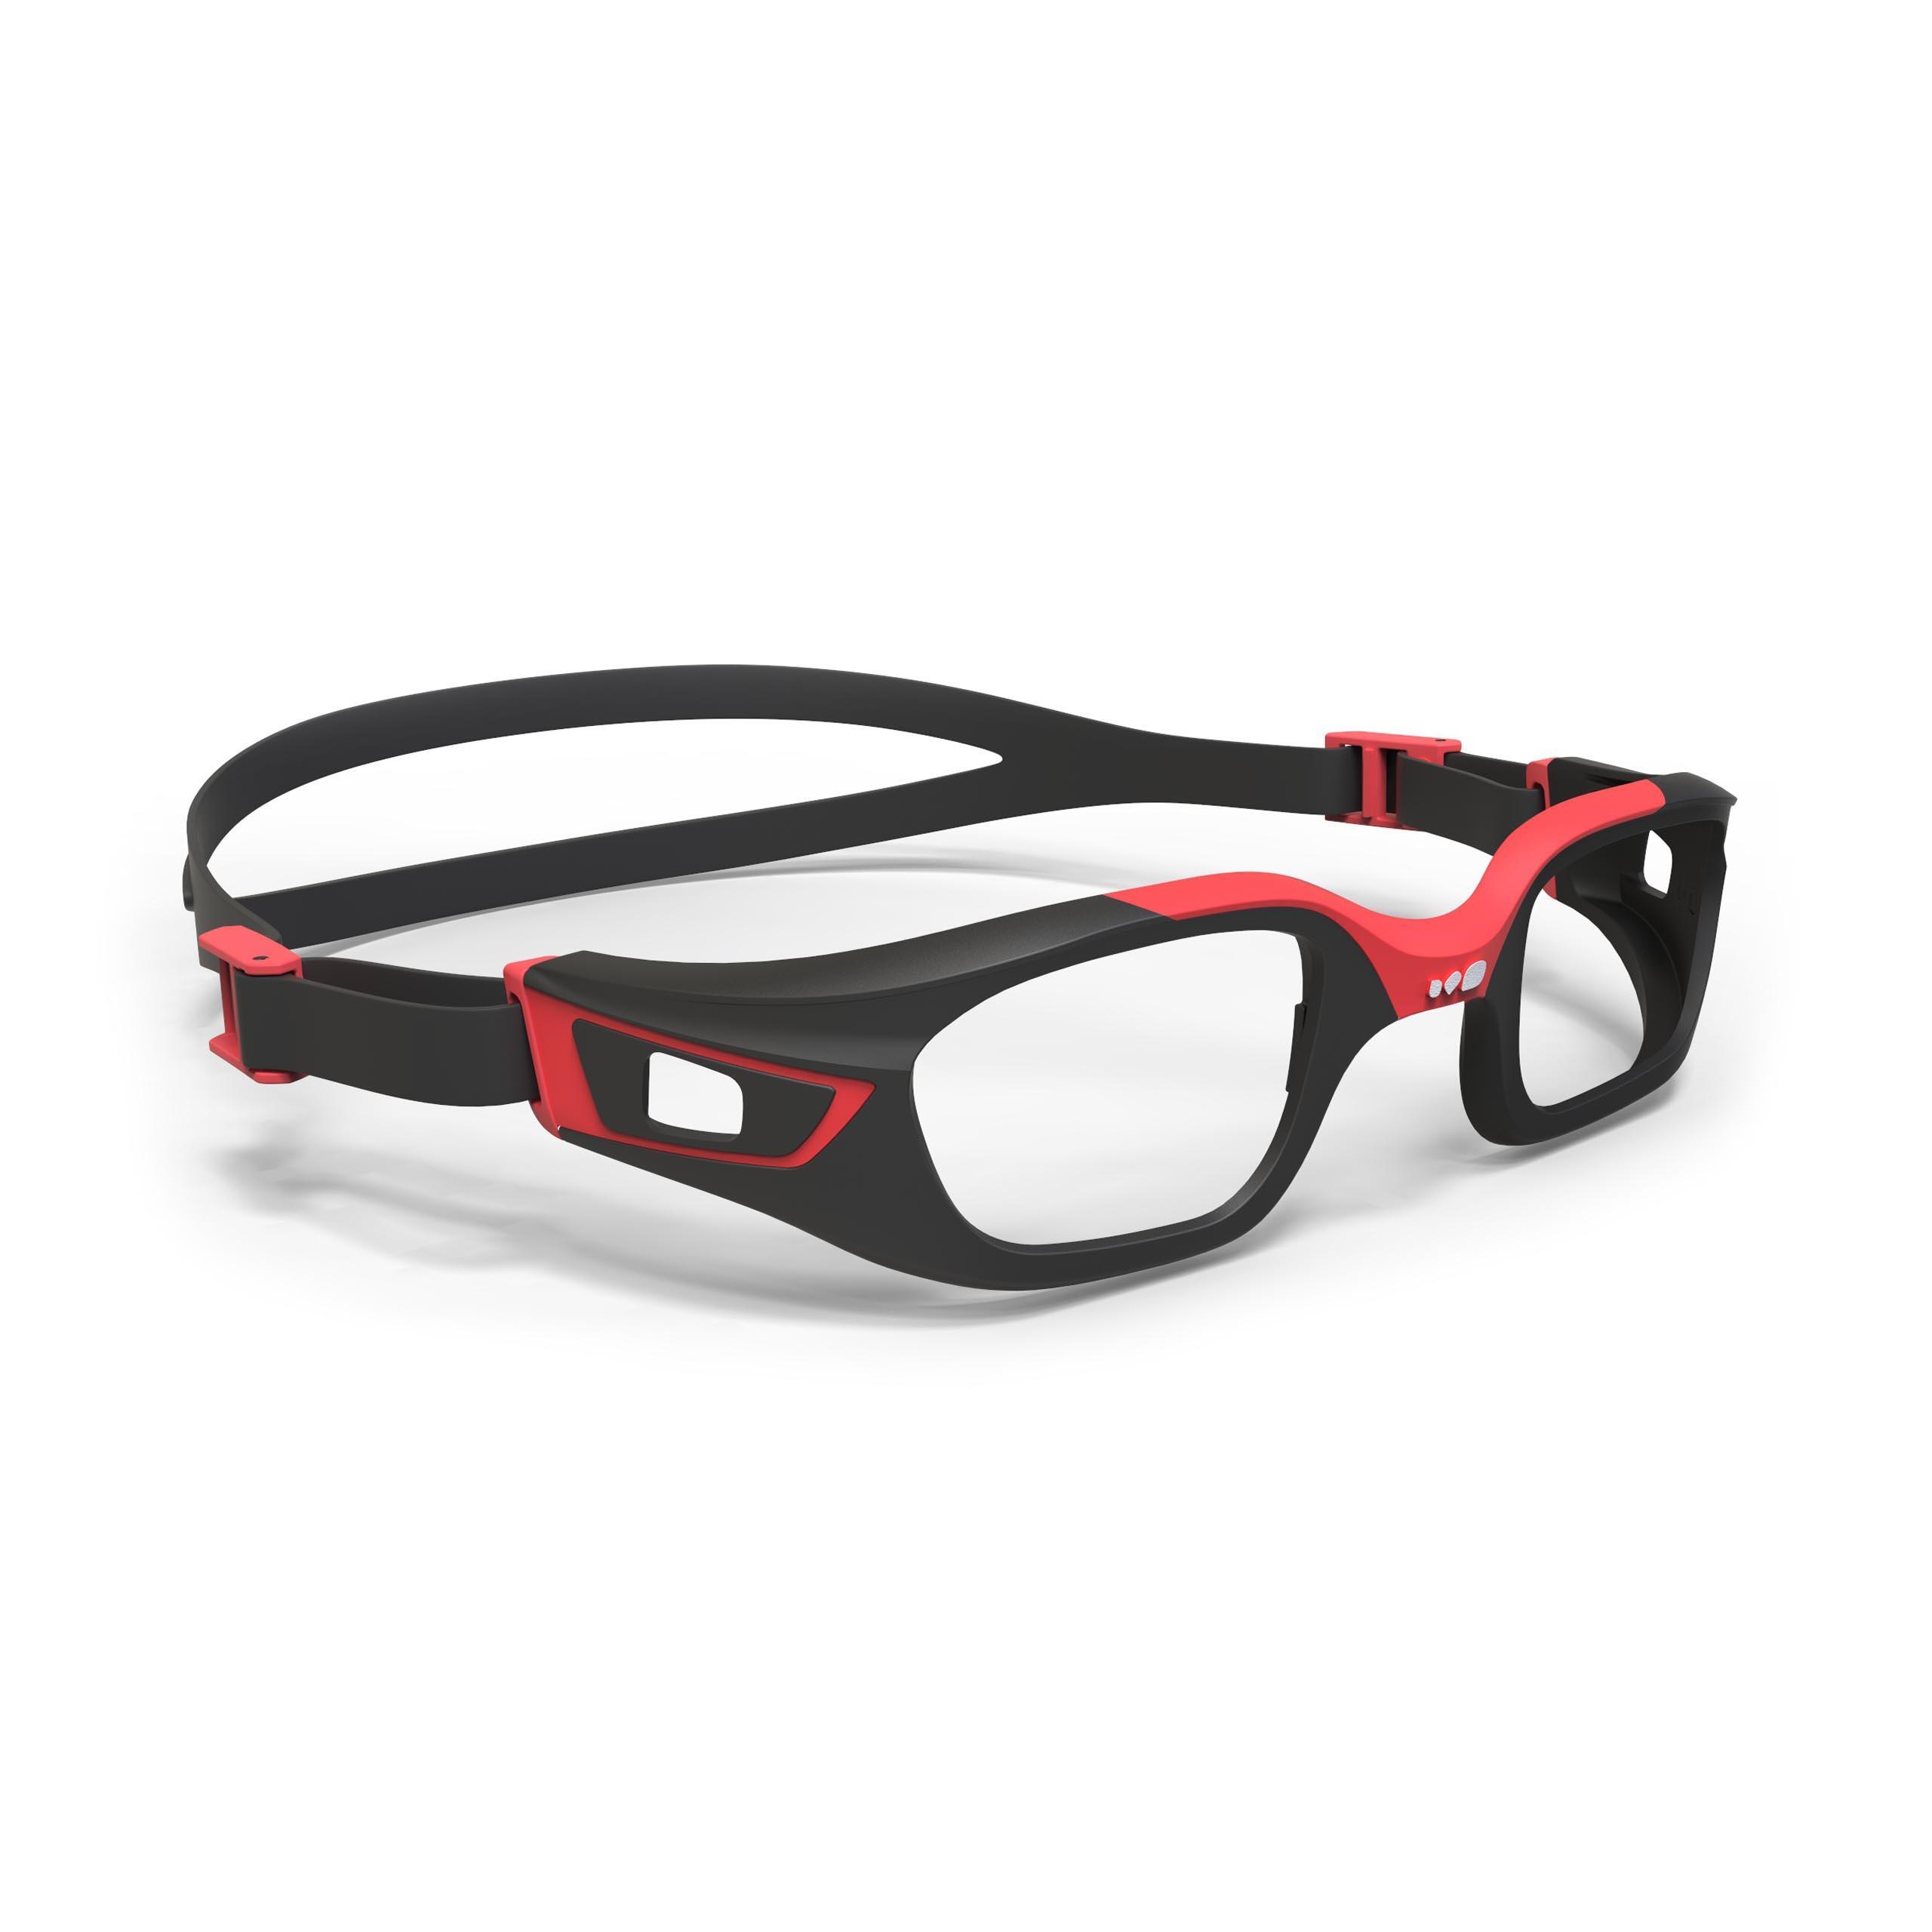 กรอบแว่นตาว่ายน้ำรุ...